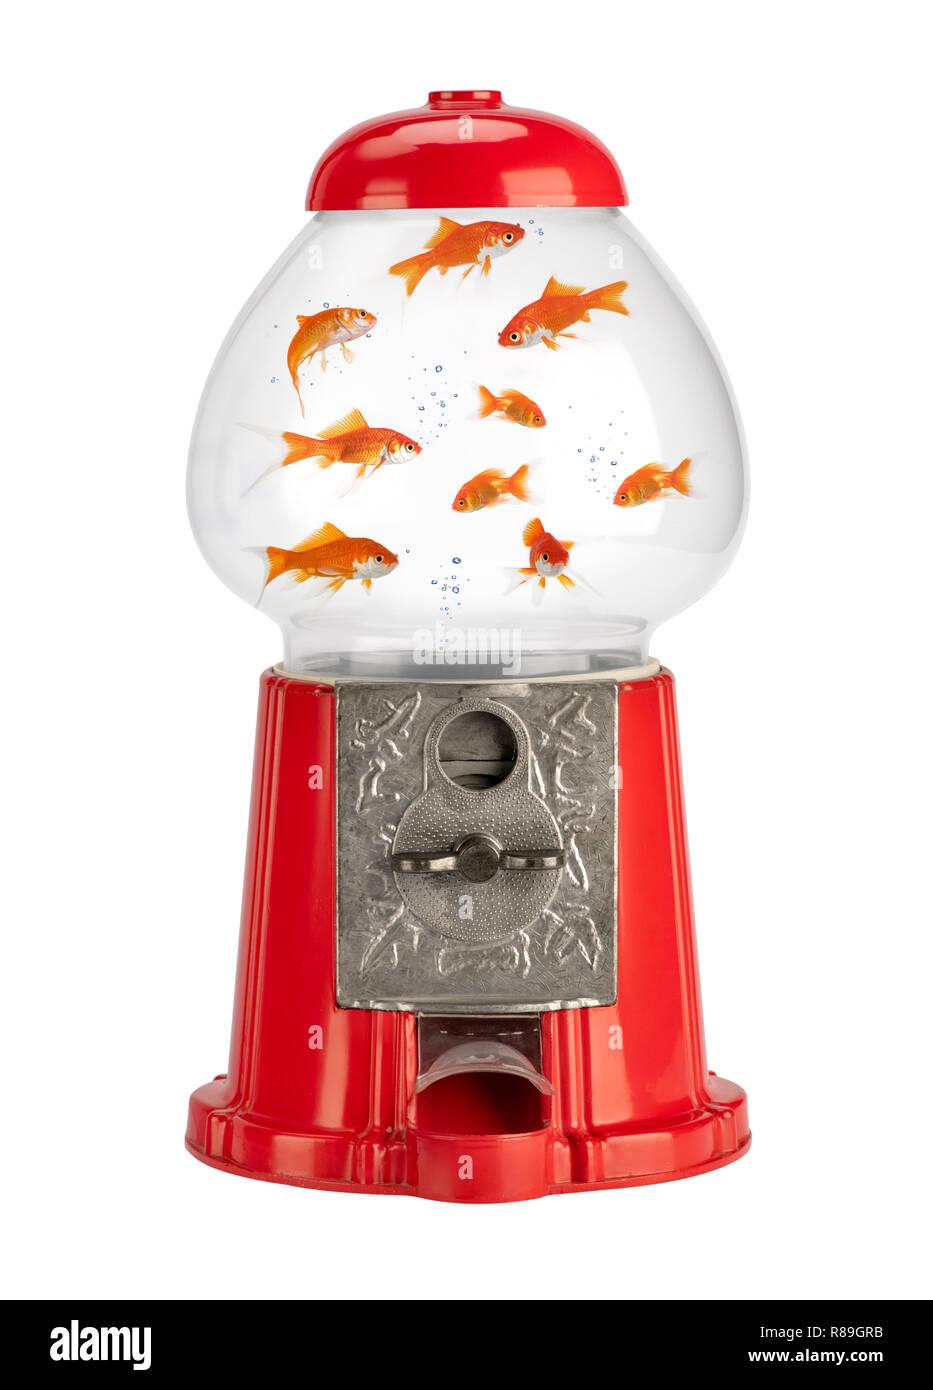 Concetto di domestici vendita pesce dorato attraverso vintage coin distributore automatico con acquario Immagini Stock